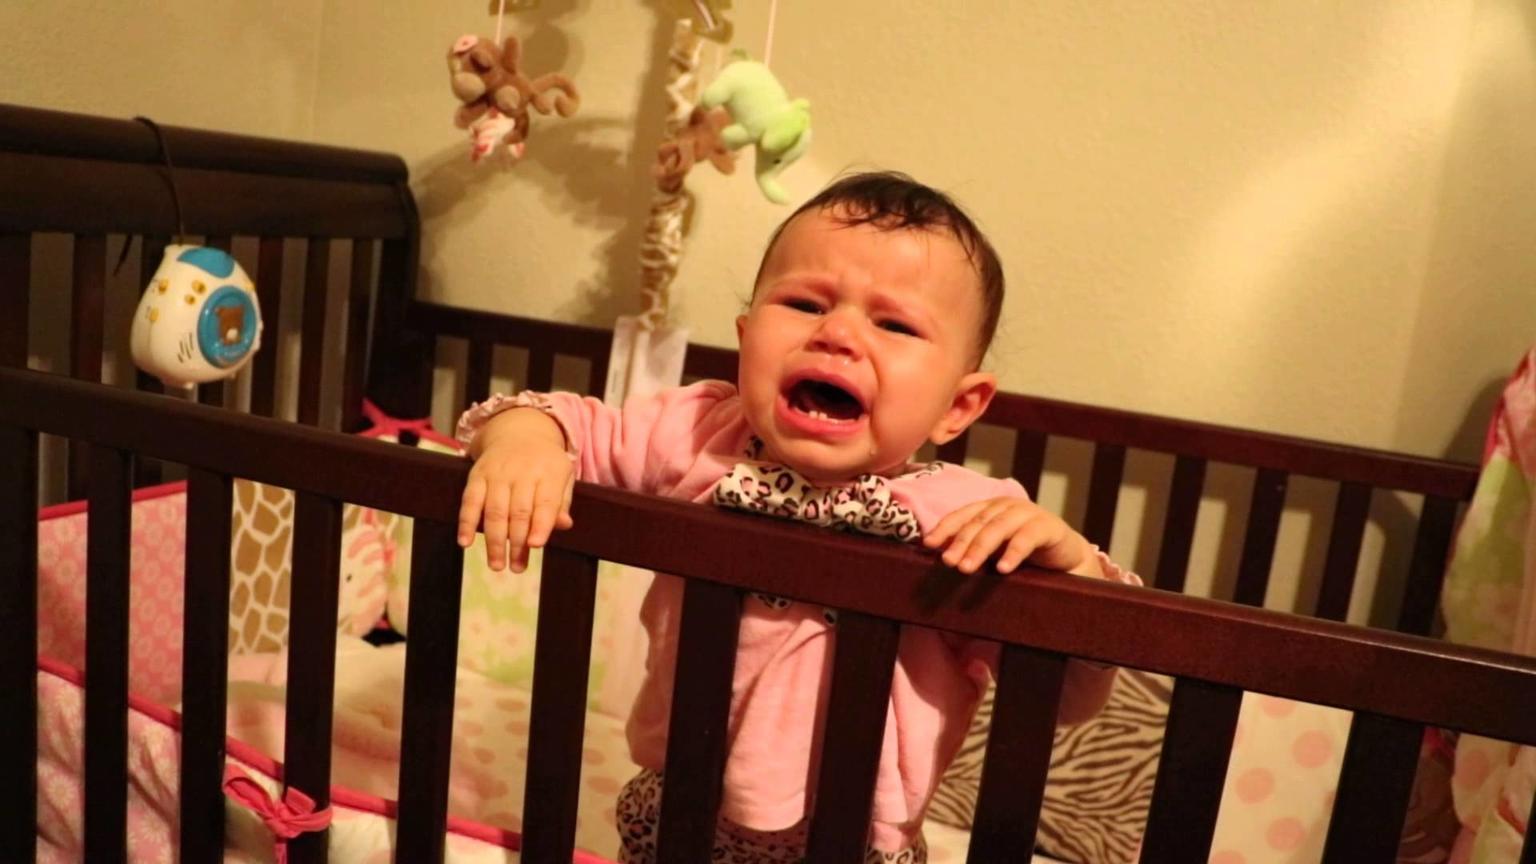 ″Неблагодарная″ жена оставила мужа с 2 детьми. Через 2 дня он взвыл о помощи